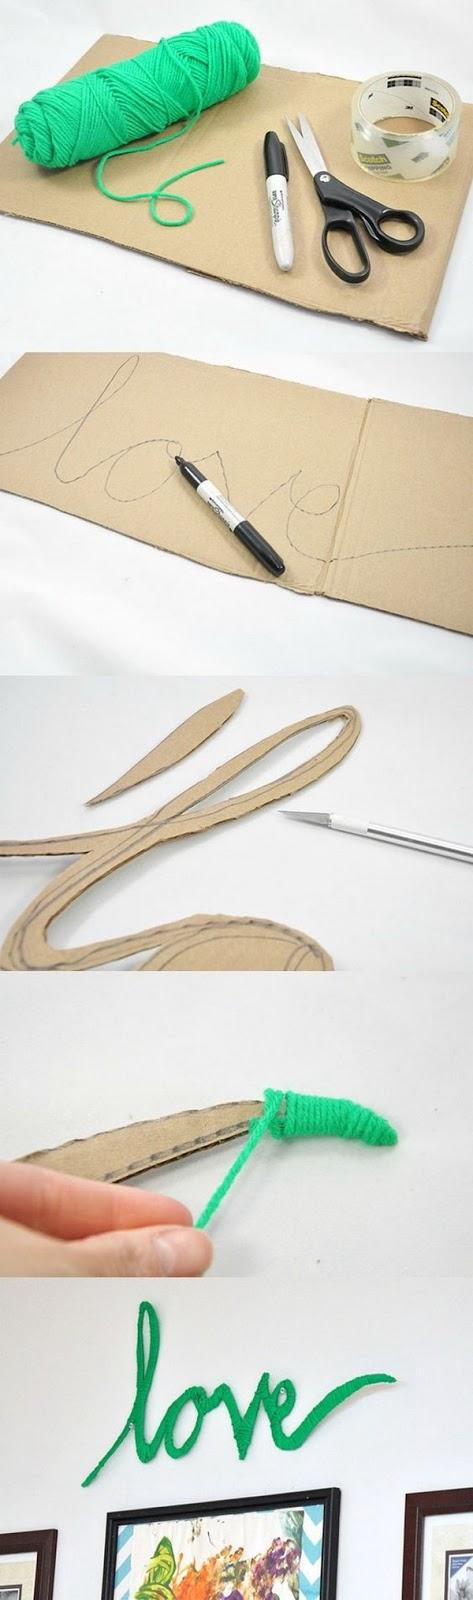 Letras enroladas em fio de lã que irão para o descarte podem adicionar um charme delicado à decoração! Super fácil e rápido de fazer!